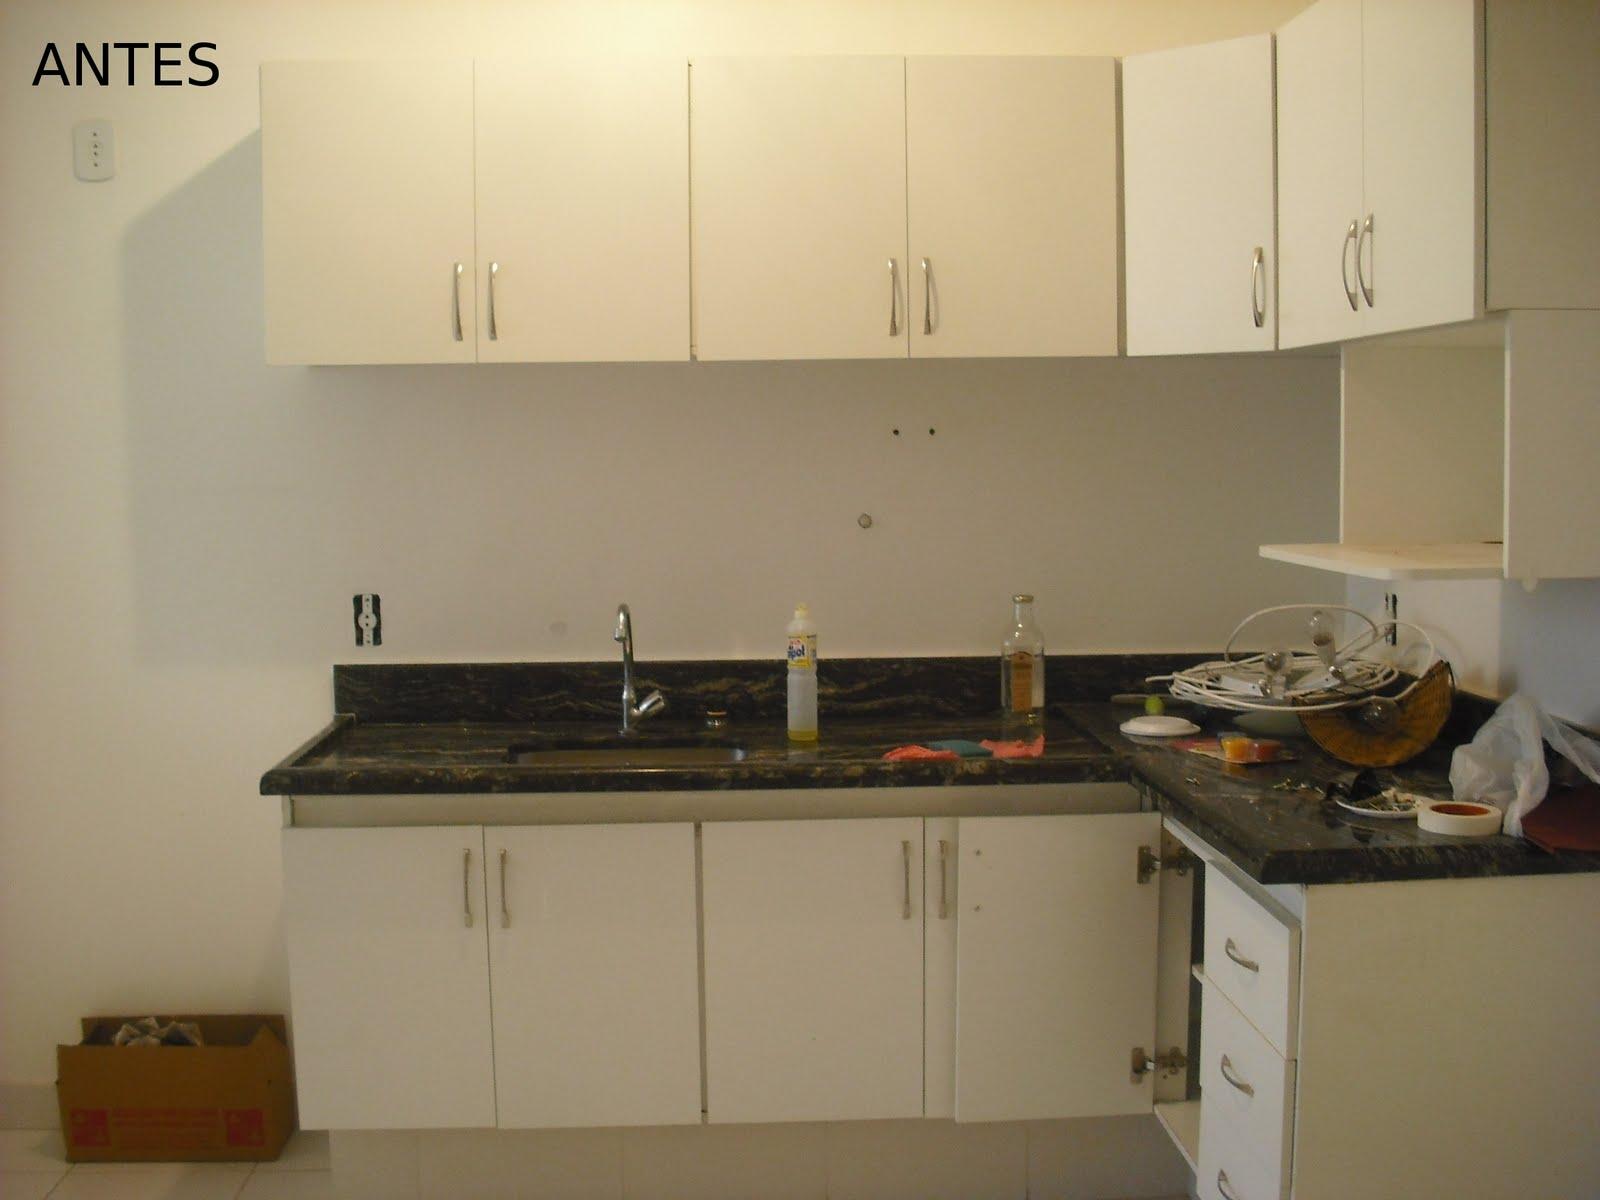 #9F462C ARQ. CLARA MIRANDA: Cozinha e corredor 1600x1200 px Projetos Cozinha Corredor #17 imagens